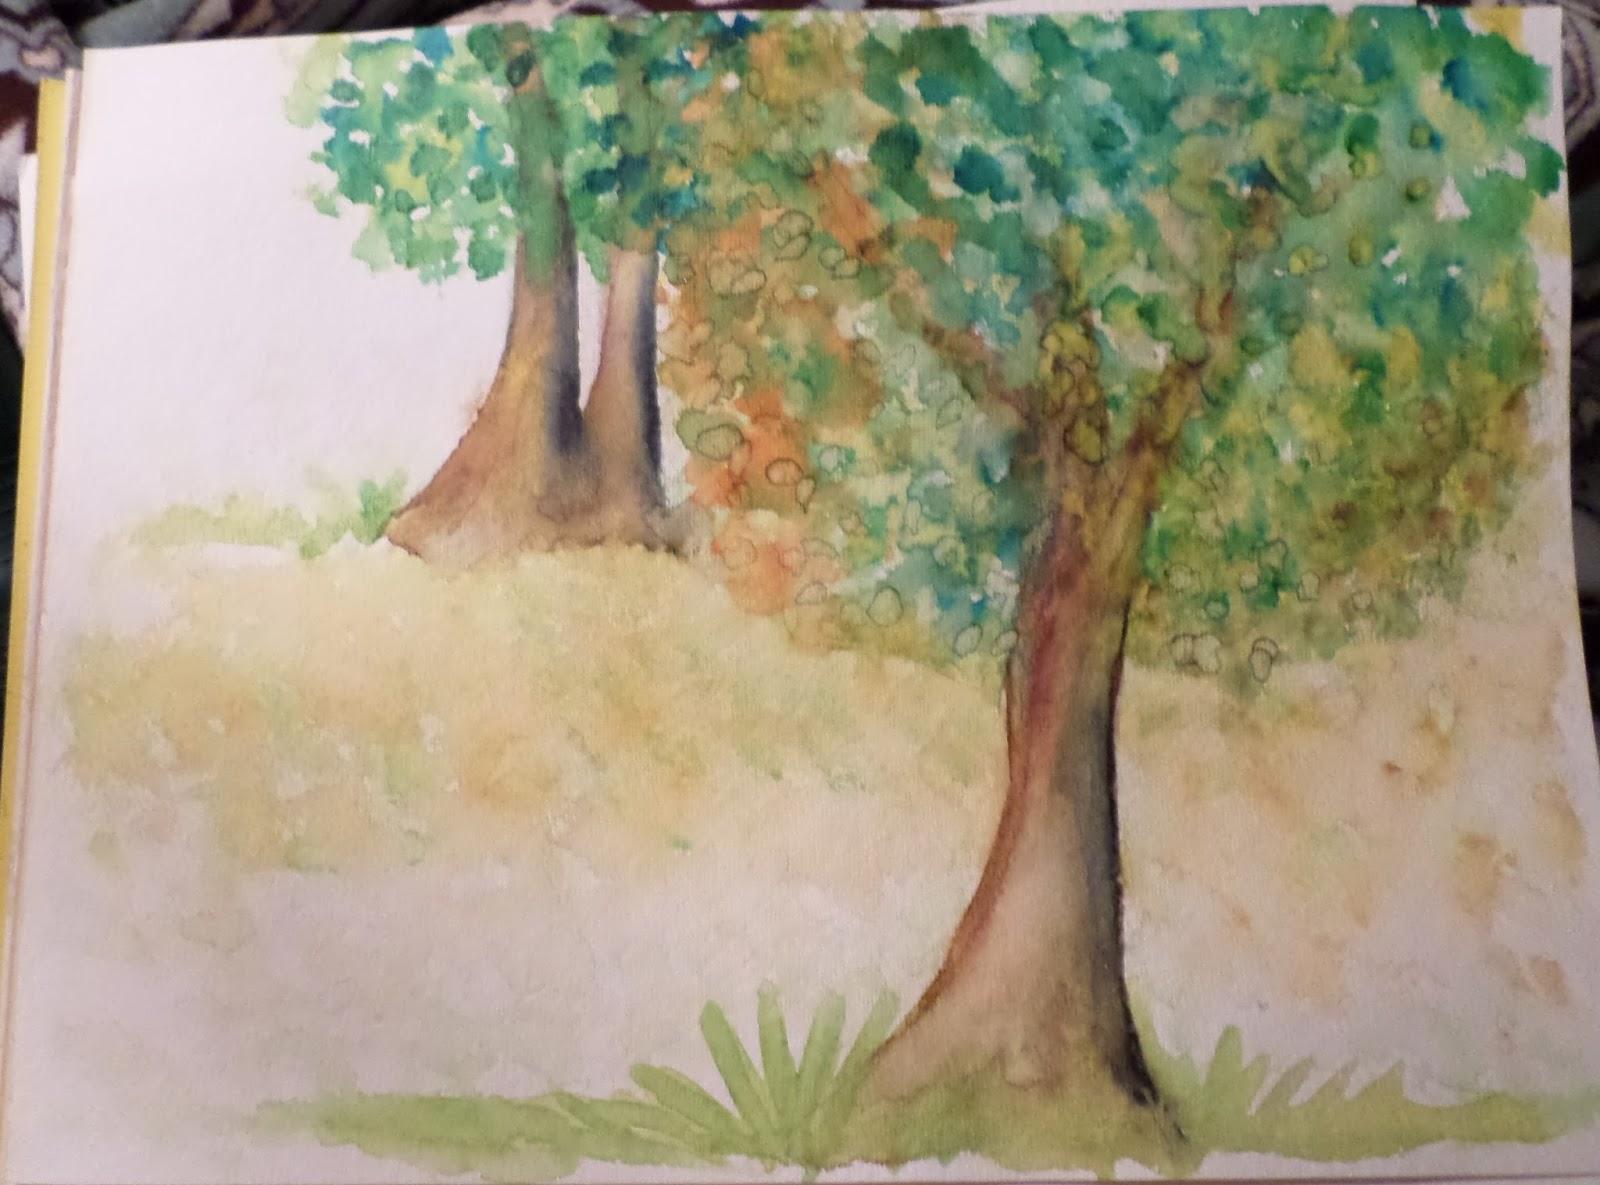 http://2.bp.blogspot.com/-R4hhg_0HZ-E/UvBBnqO2nQI/AAAAAAAABko/1sSMmSC6MoU/s1600/Derwent+art+academy+lesson+5+watercolor.jpg